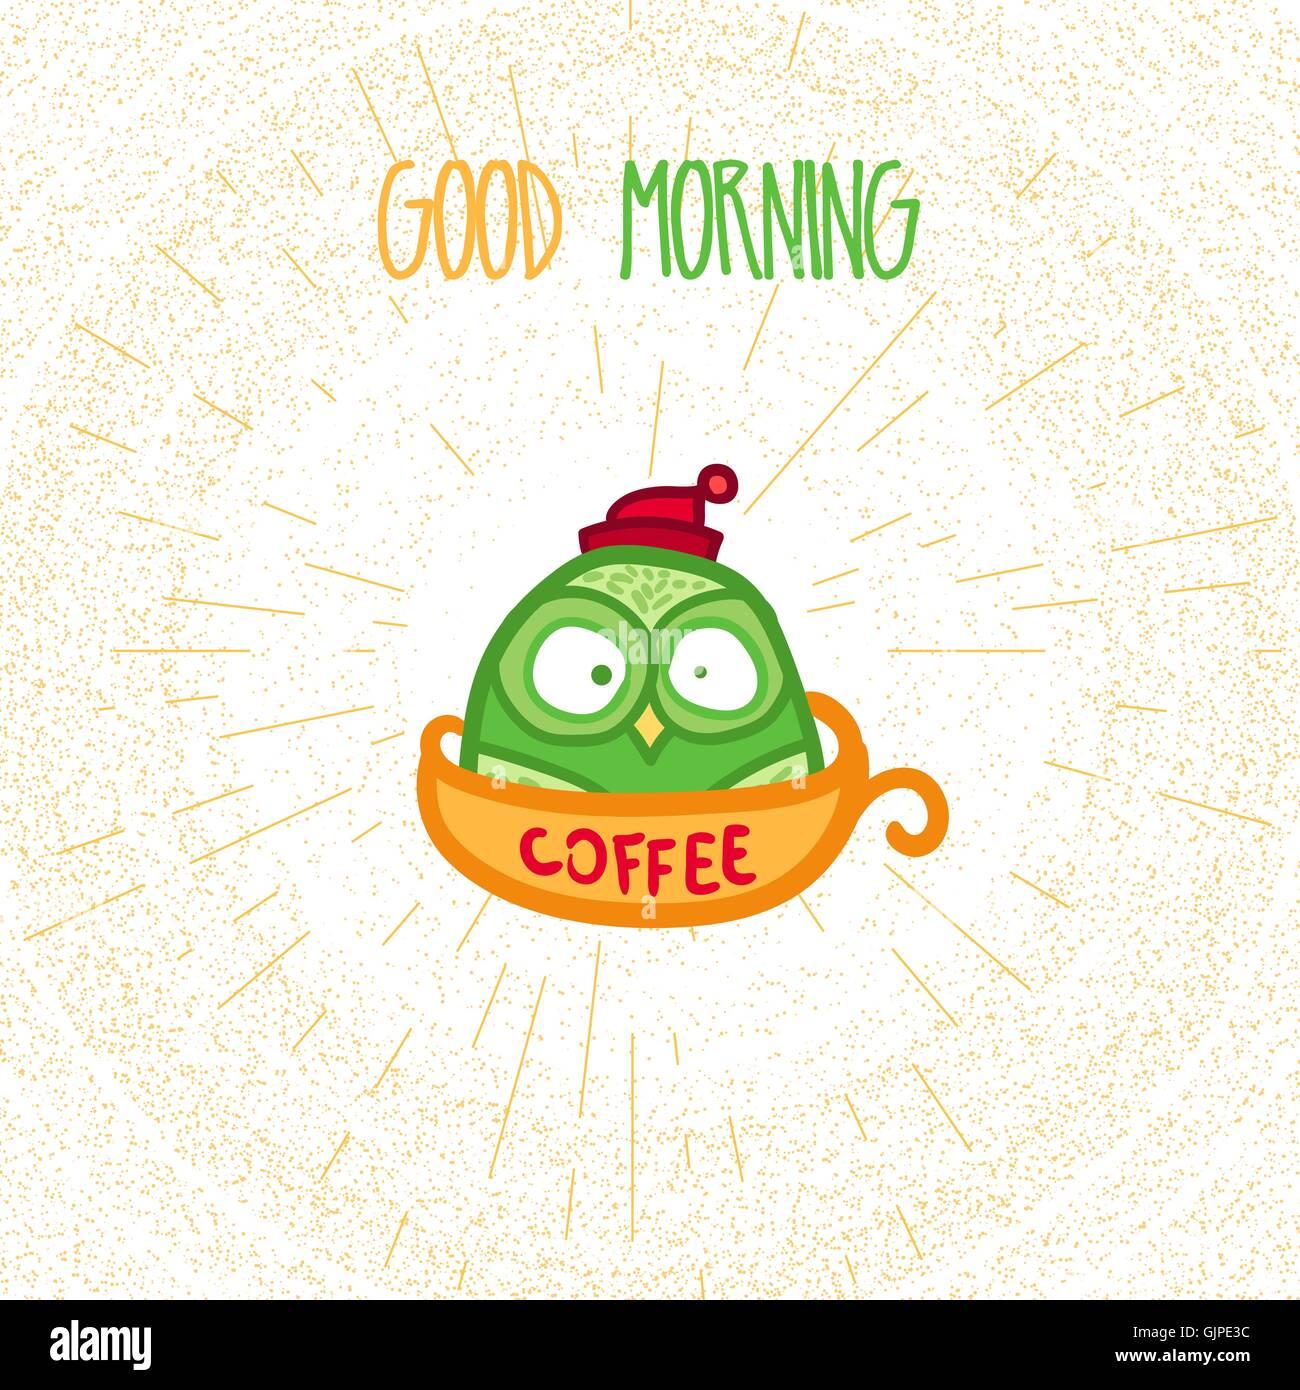 Handgezeichnete Lustige Eule Mit Tasse Kaffee Eule Mit Guten Morgen